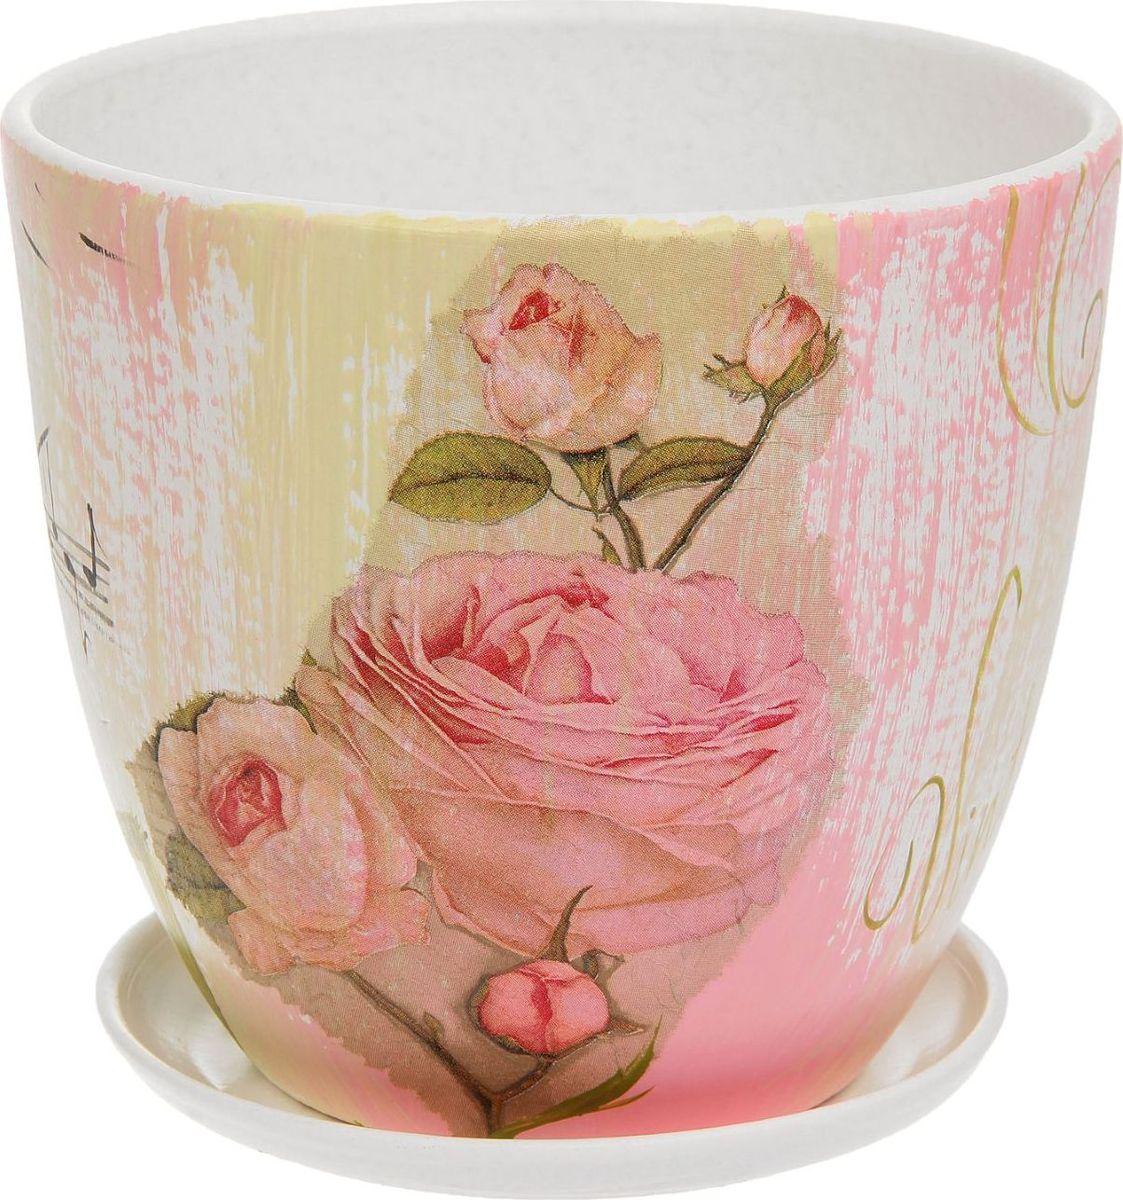 Кашпо Винтаж. Розы, 2,6 л1138555Комнатные растения — всеобщие любимцы. Они радуют глаз, насыщают помещение кислородом и украшают пространство. Каждому из них необходим свой удобный и красивый дом. Кашпо из керамики прекрасно подходят для высадки растений: за счет пластичности глины и разных способов обработки существует великое множество форм и дизайнов пористый материал позволяет испаряться лишней влаге воздух, необходимый для дыхания корней, проникает сквозь керамические стенки! позаботится о зеленом питомце, освежит интерьер и подчеркнет его стиль.